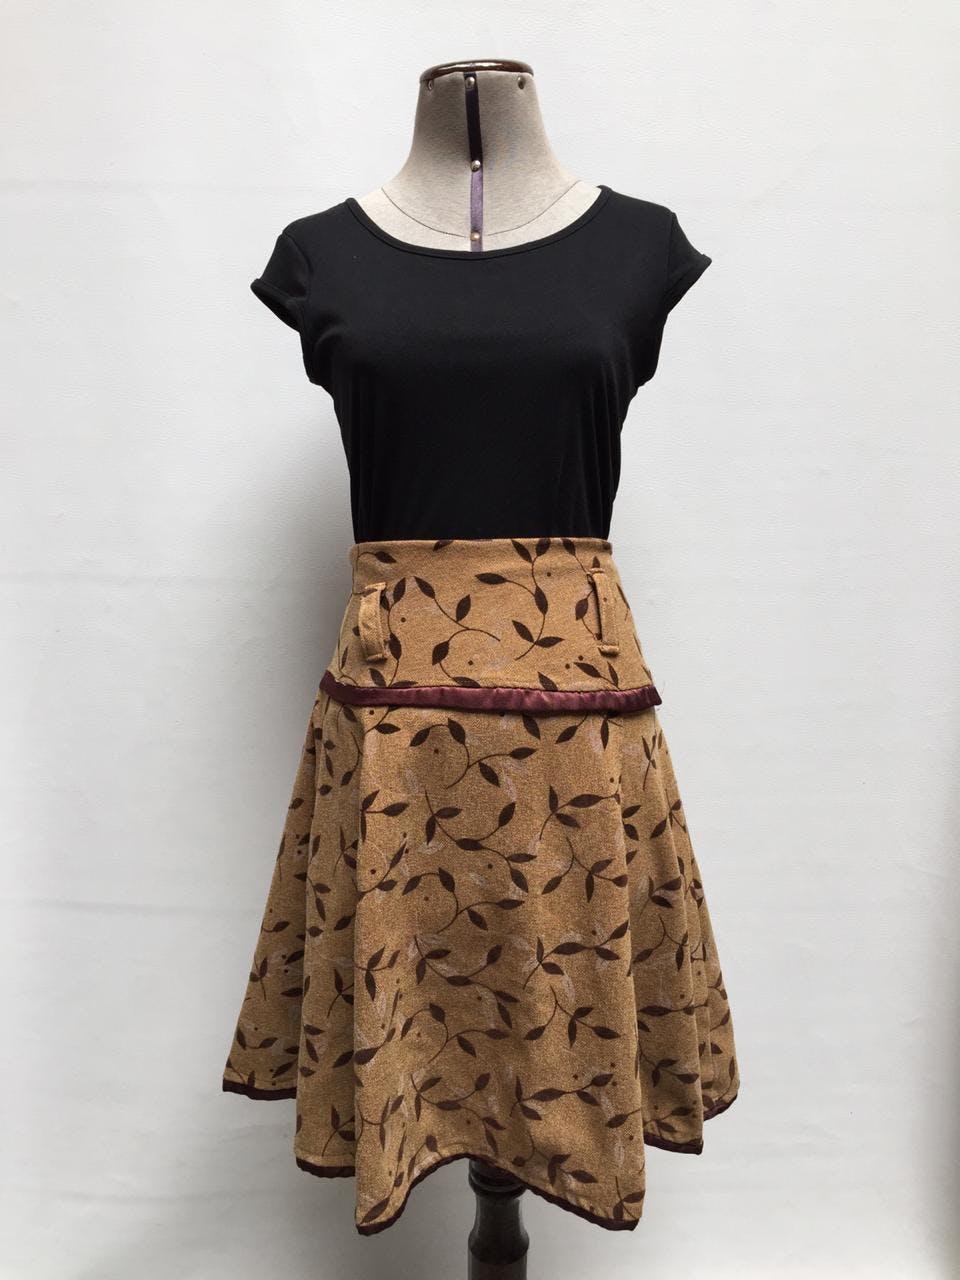 Falda campana tipo tejido en tono camel con estampado de flores, pretina ancha, cierre lateral y franja en la basta Talla M